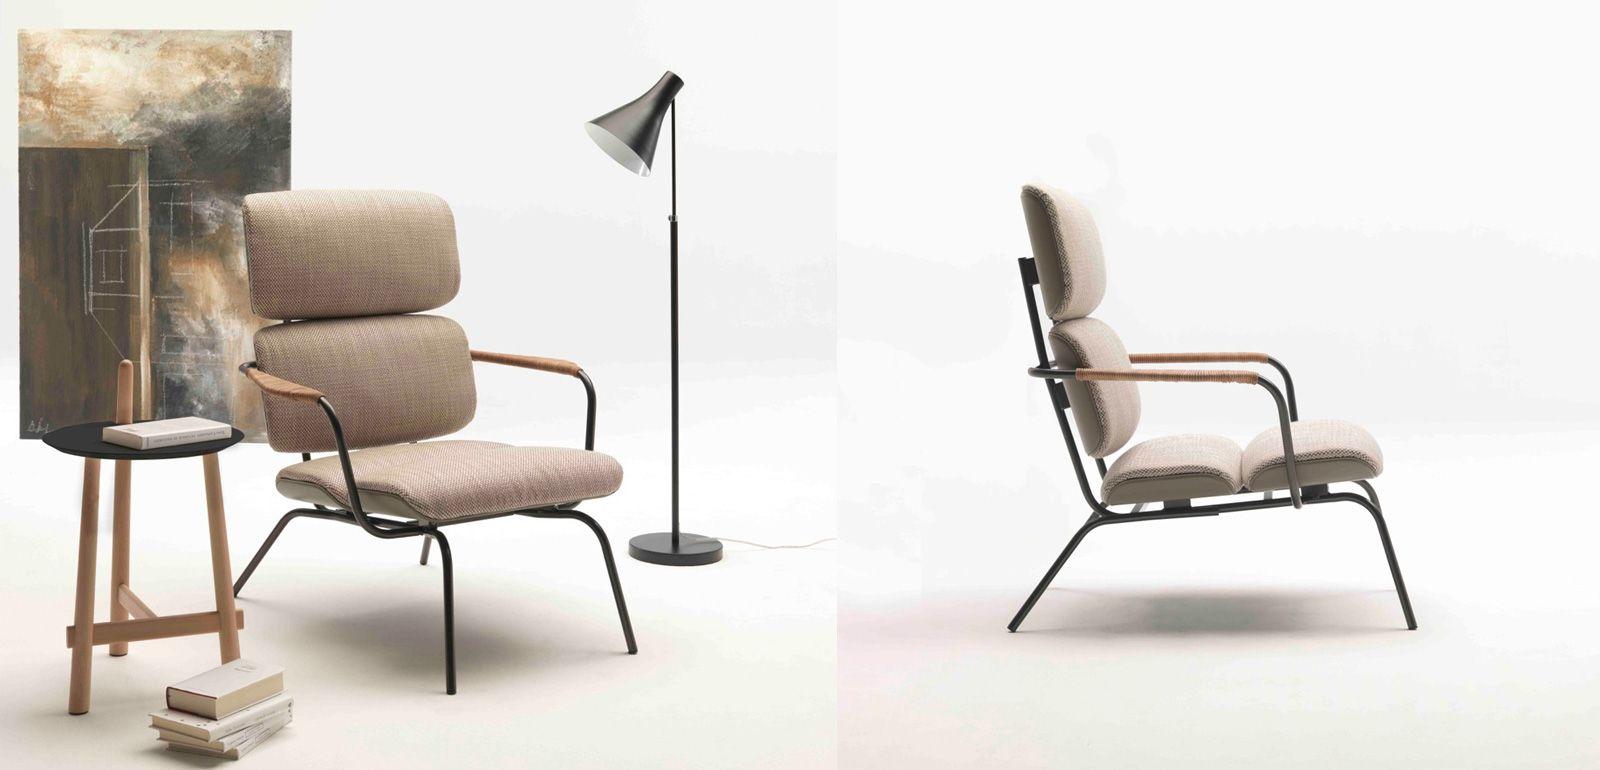 Accessoires mobilier design salon milan accueil design for Mobilier design